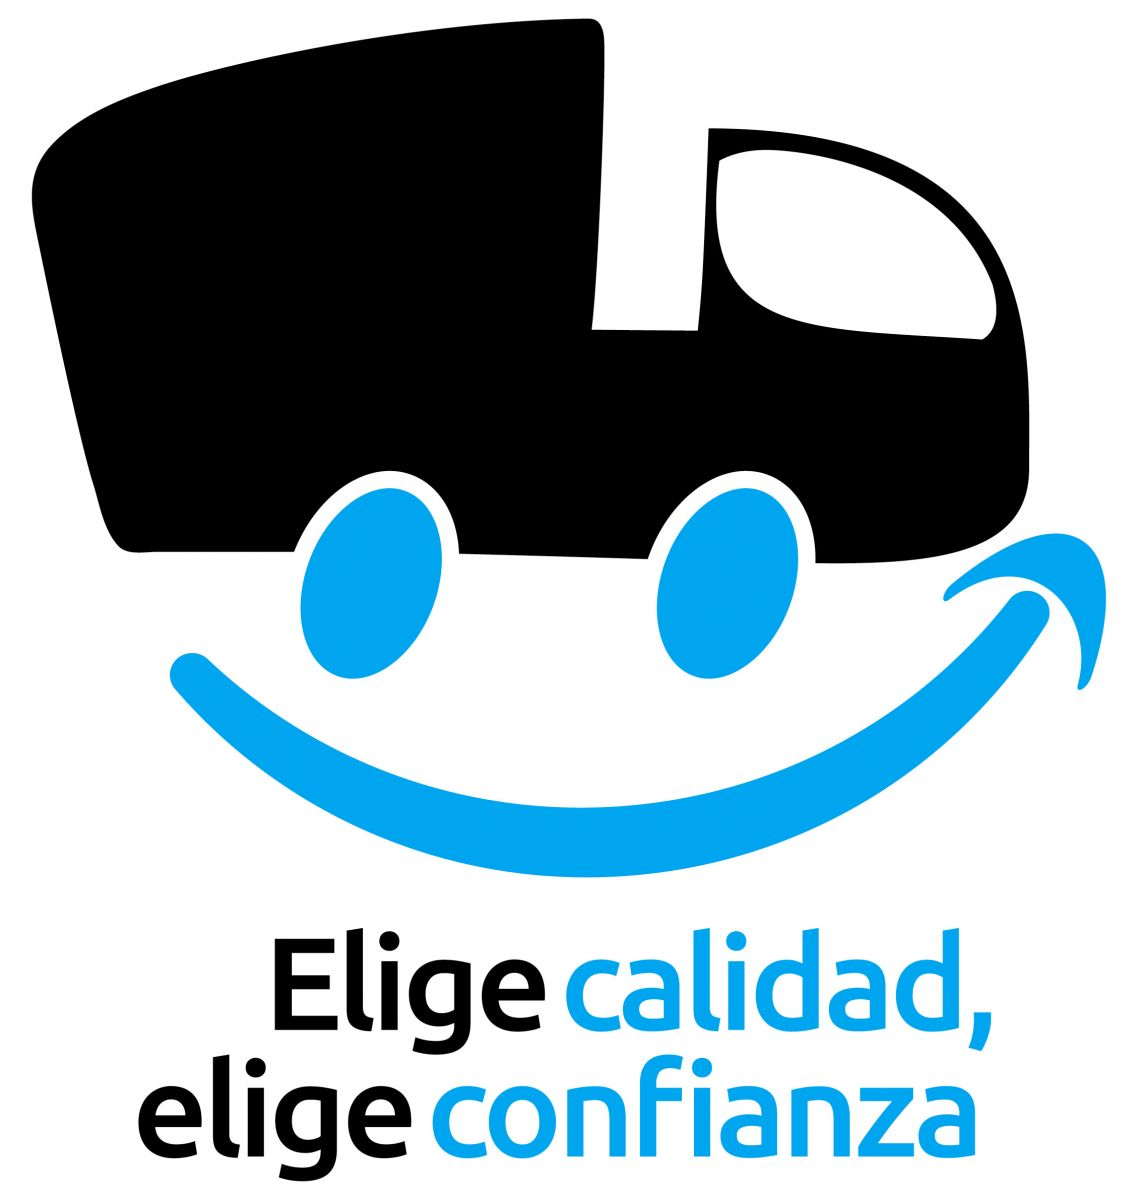 Elige calidad, ELige confianza, con el sector del Vehículo Industrial.